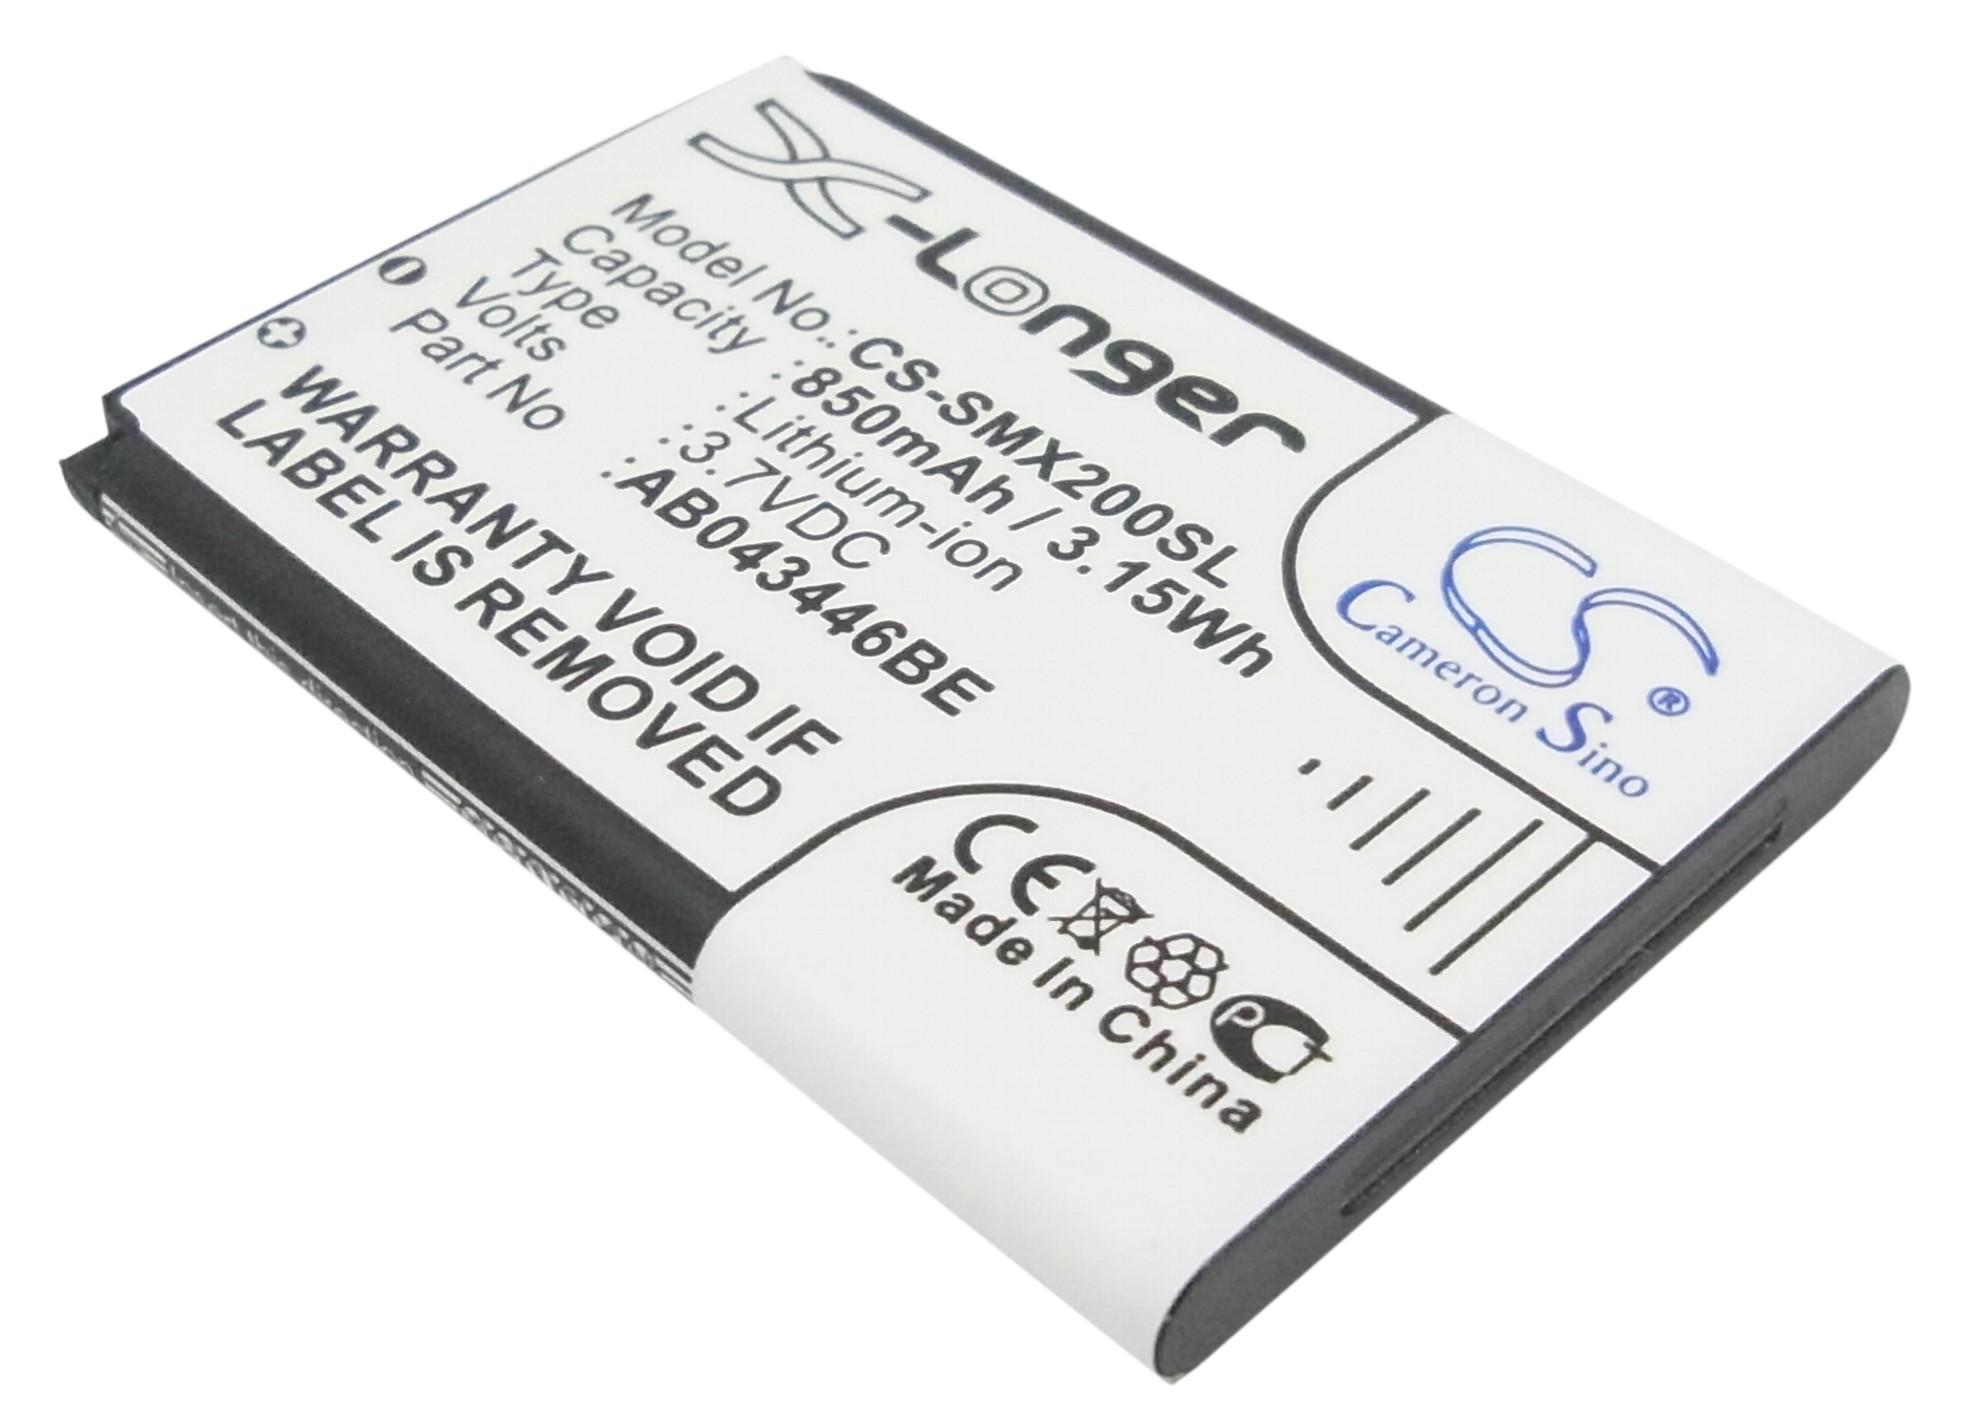 Cameron Sino baterie do mobilů pro SAMSUNG SGH-X530 3.7V Li-ion 850mAh černá - neoriginální